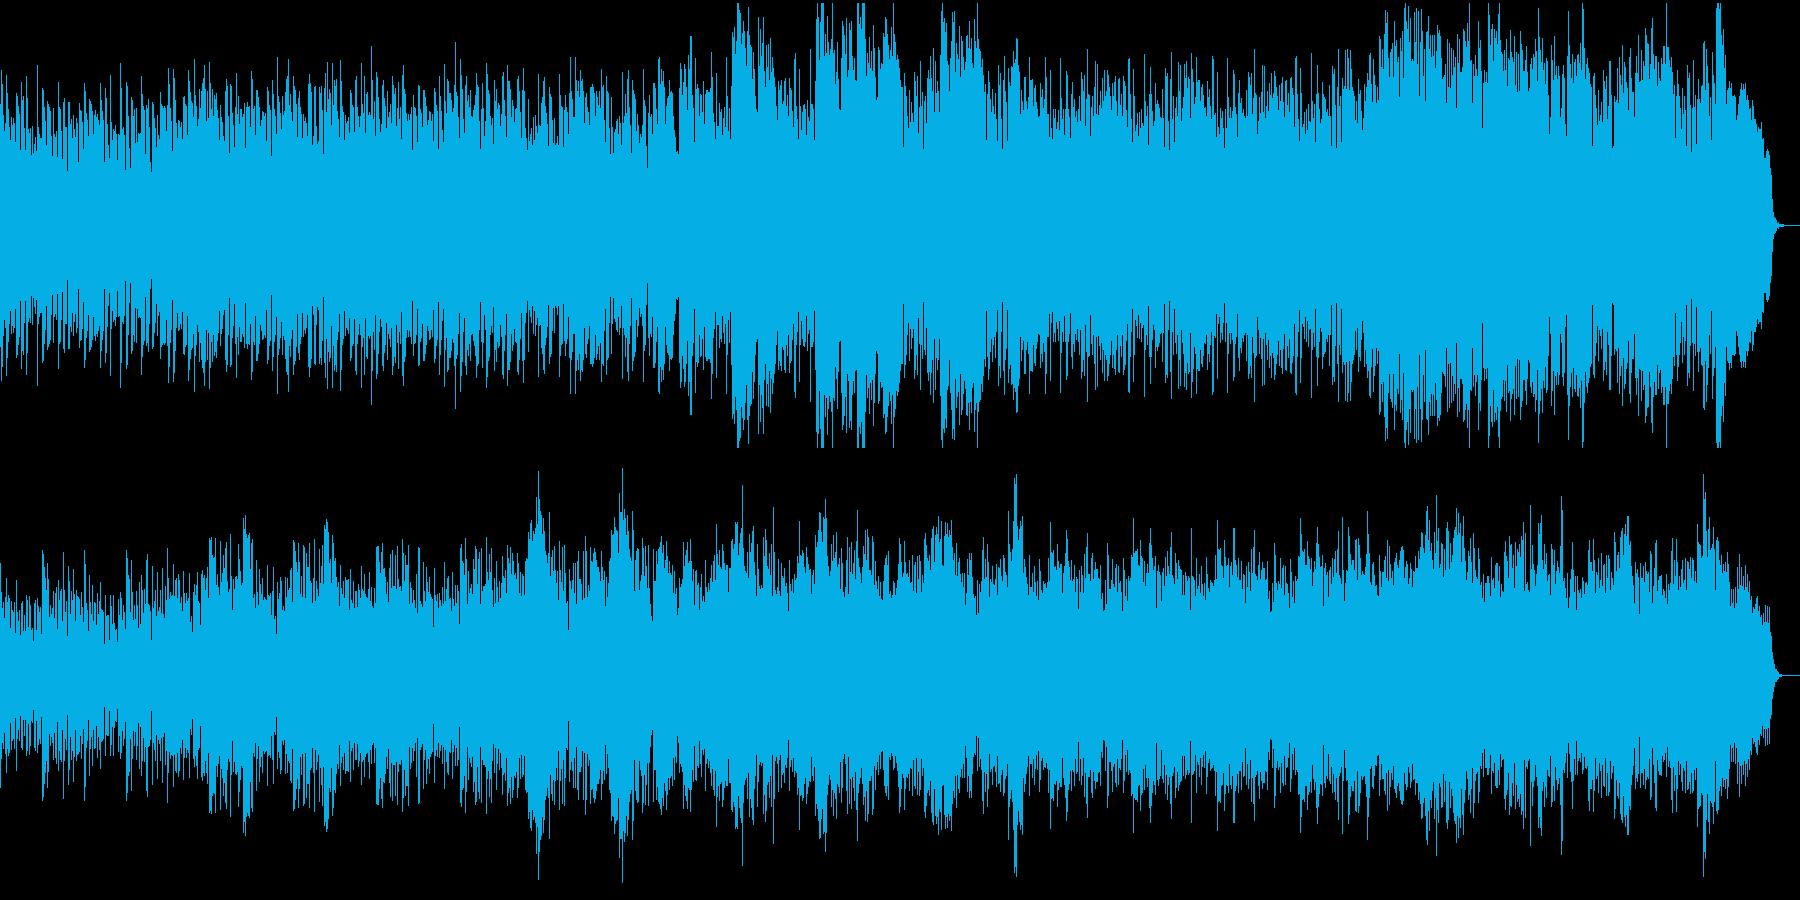 優しさに包まれる感動ピアノ3Pf&ソロ弦の再生済みの波形